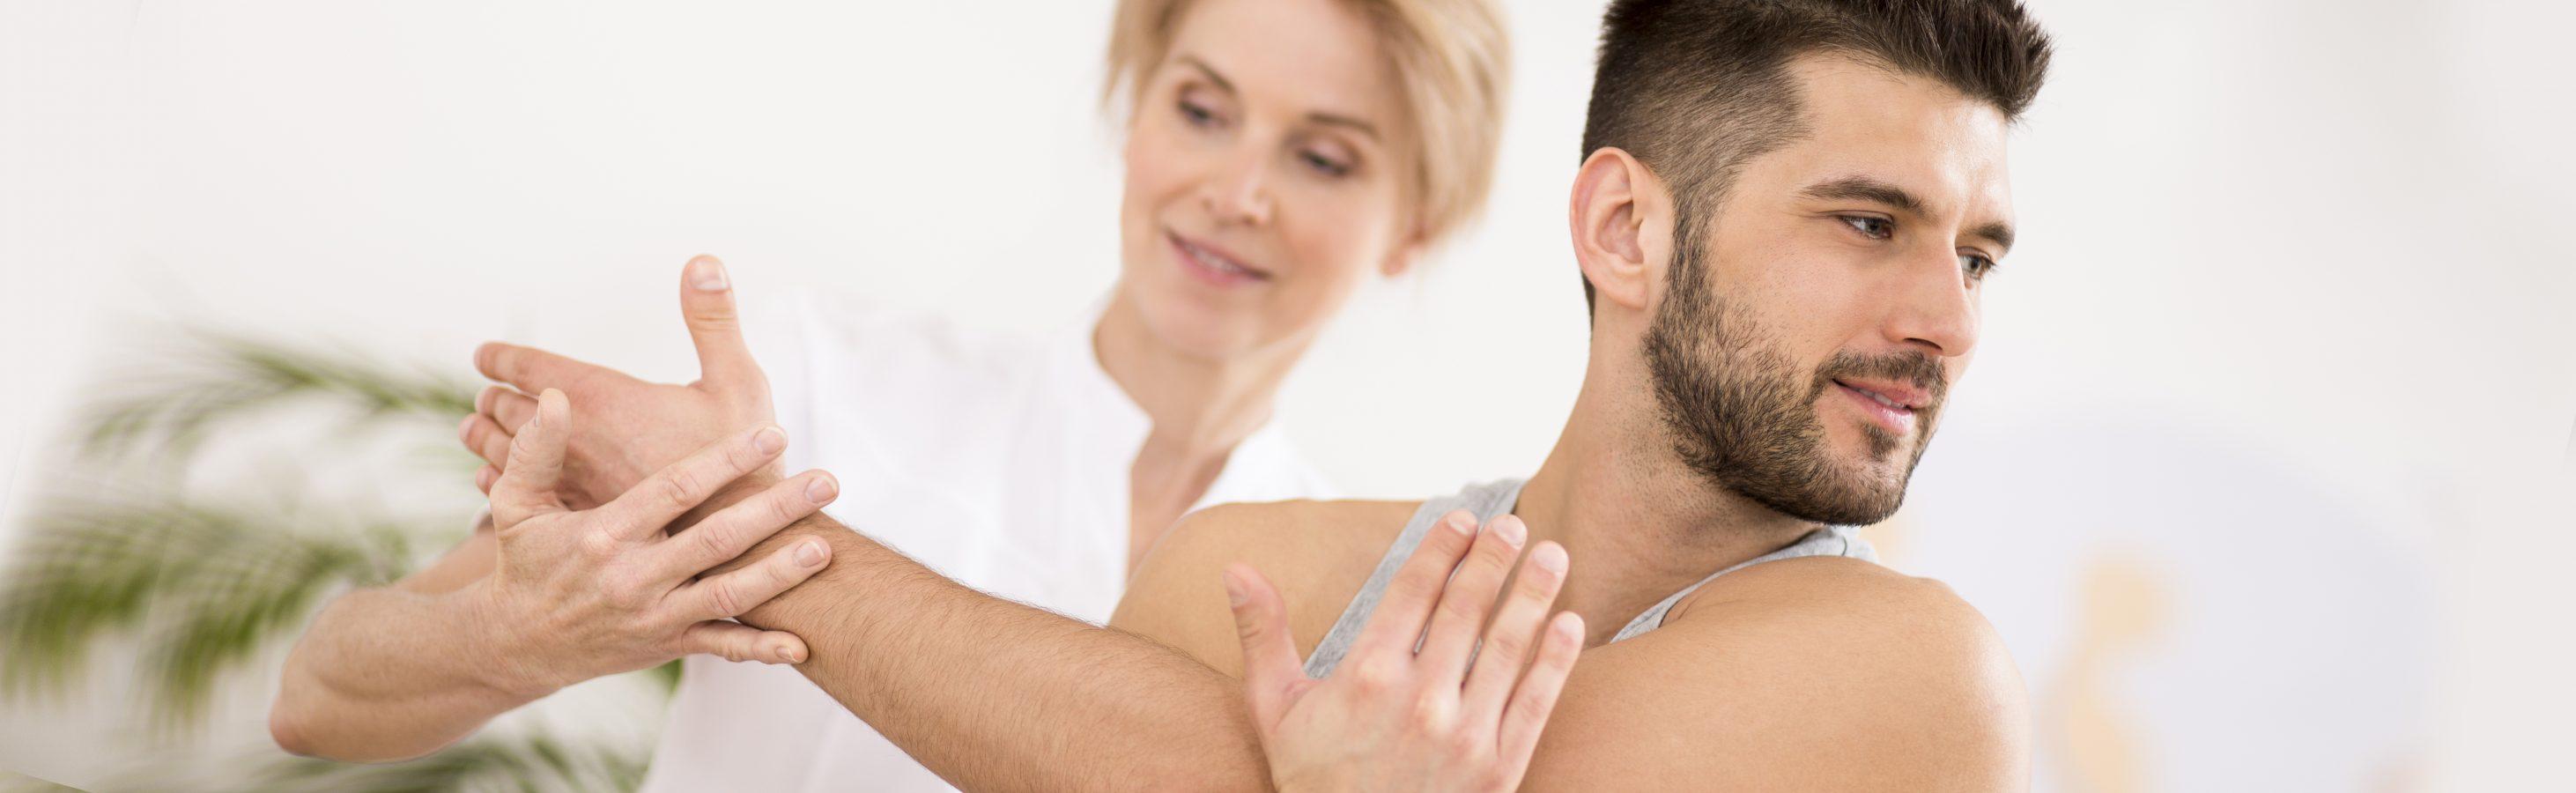 mann macht rückenübungen mit therapeutin